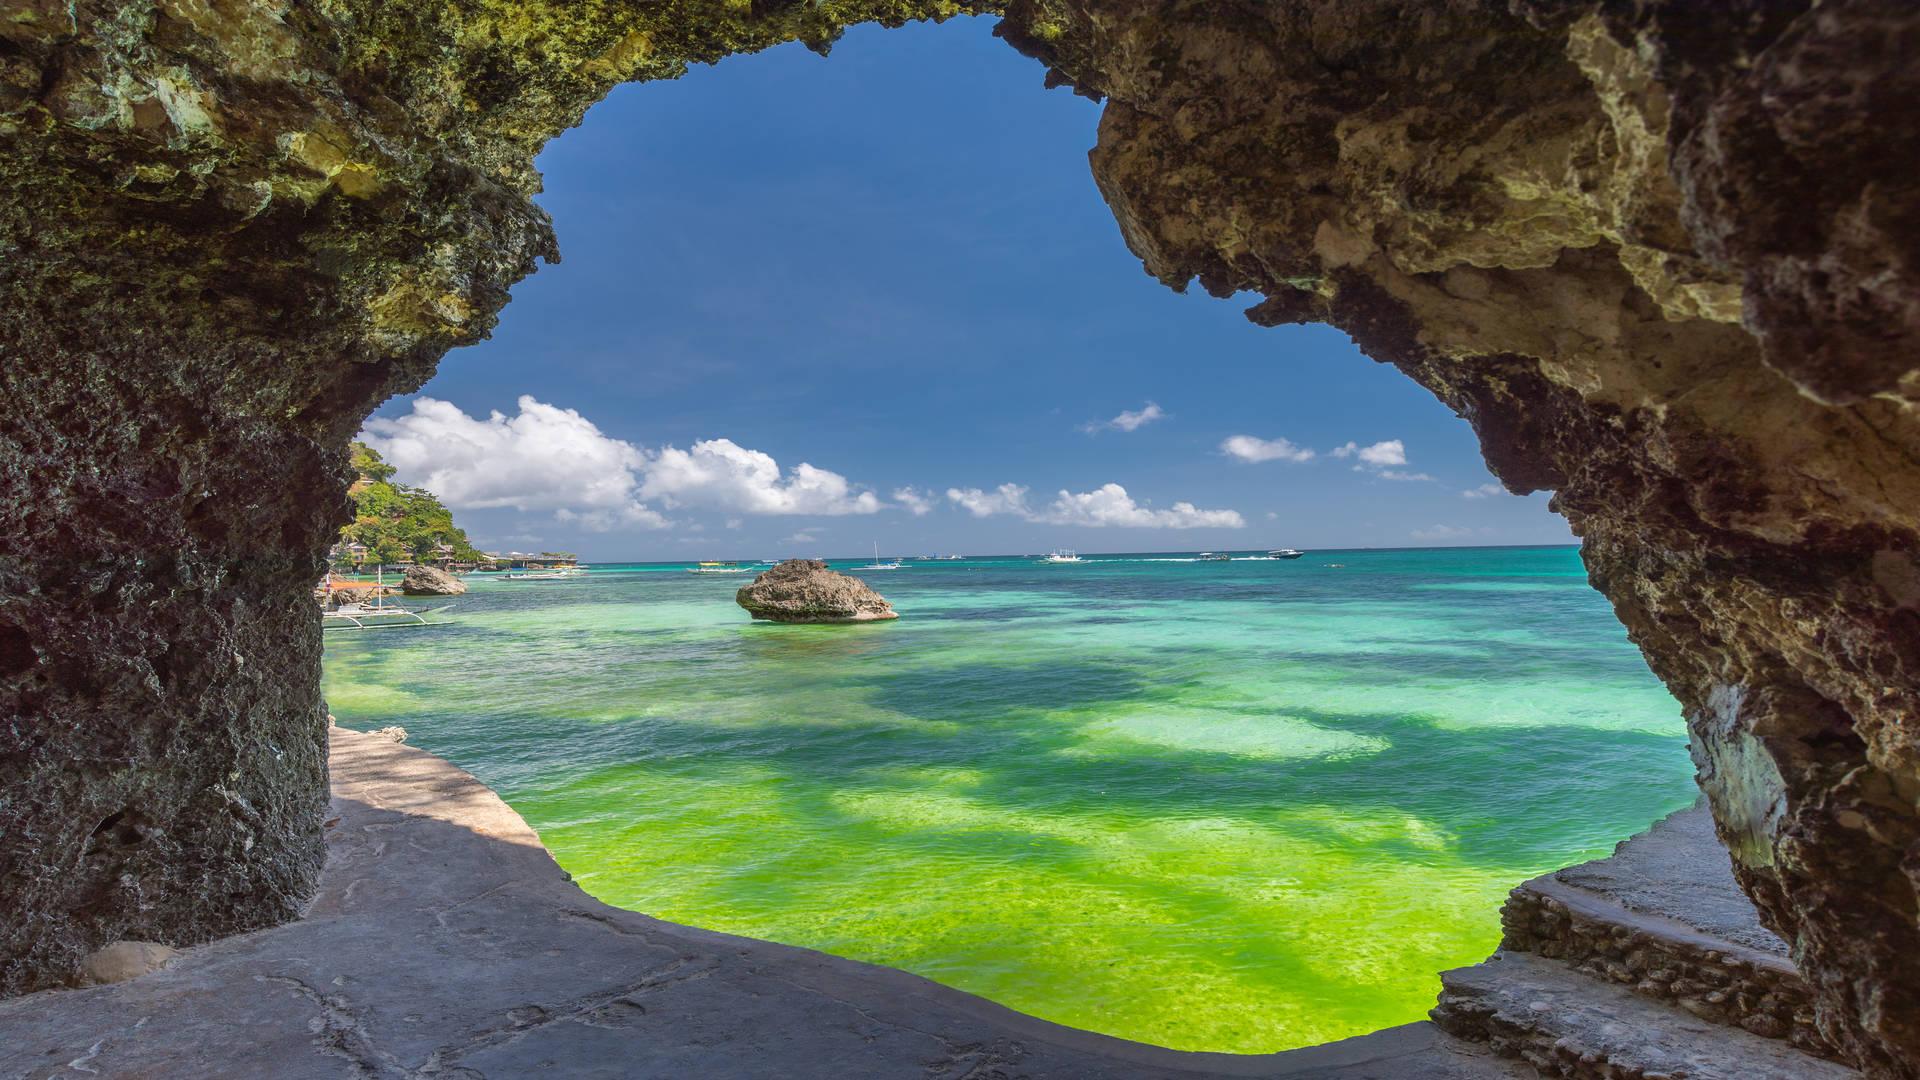 el-nido-to-boracay-island